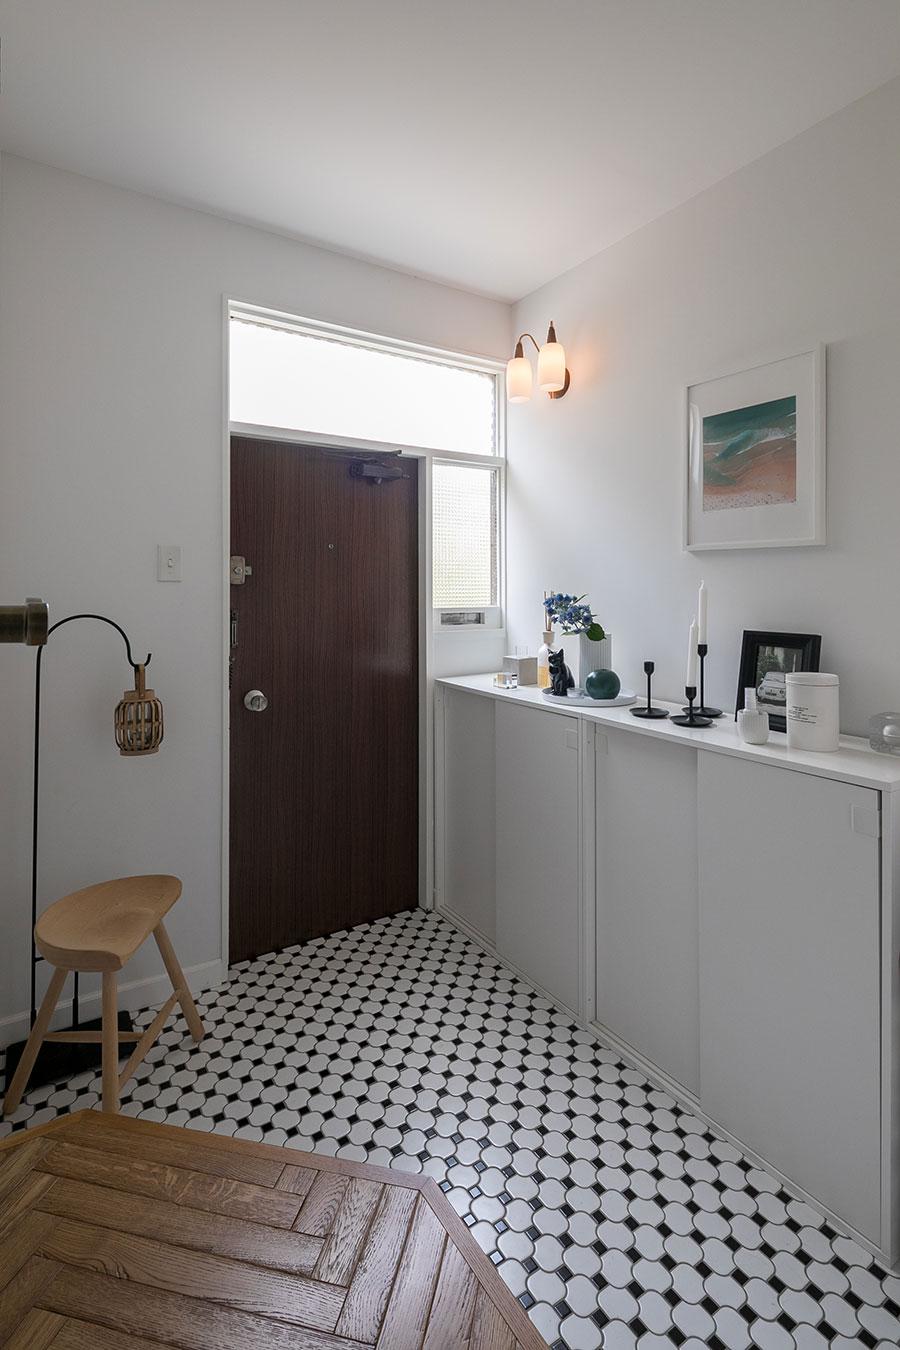 三和土部分を広げてゆったりつくり変えた玄関に、磨りガラスから柔らかな光が入る。白と黒のタイルがポップで楽しい印象。